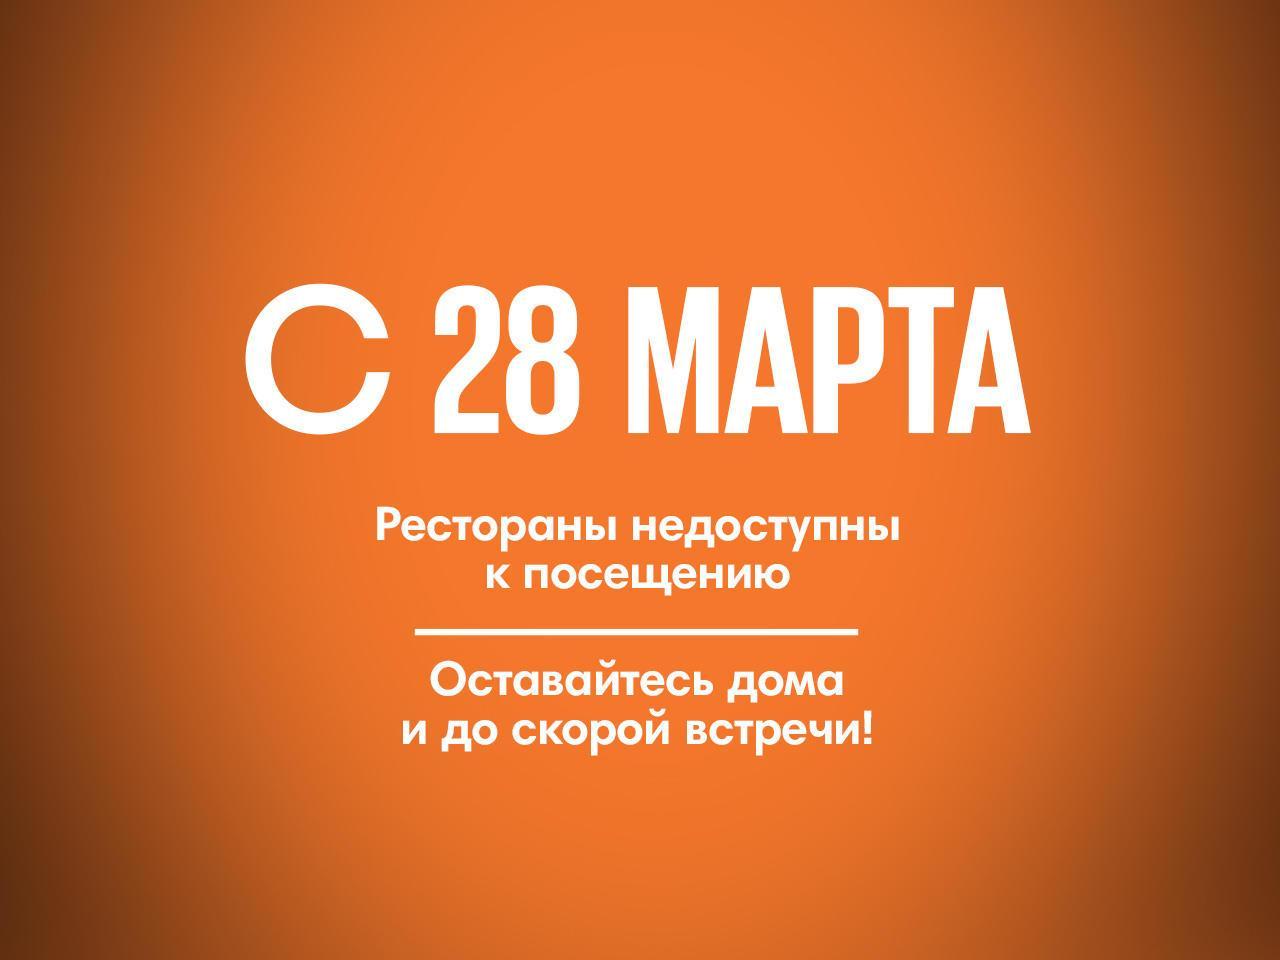 Посещение ресторана «Чайхона №1 братьев Васильчуков» временно недоступно